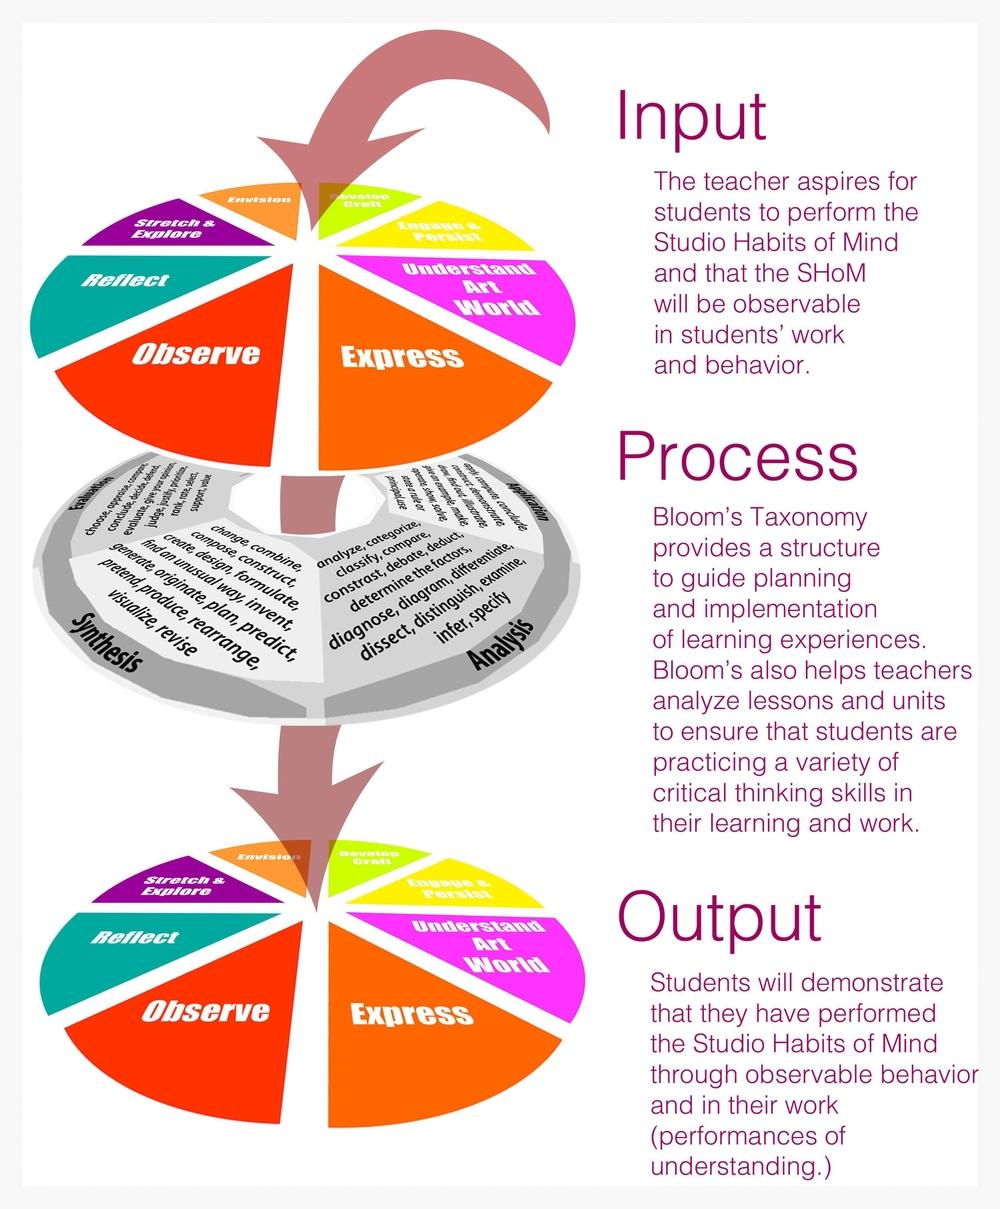 blooms shom-input output.jpg